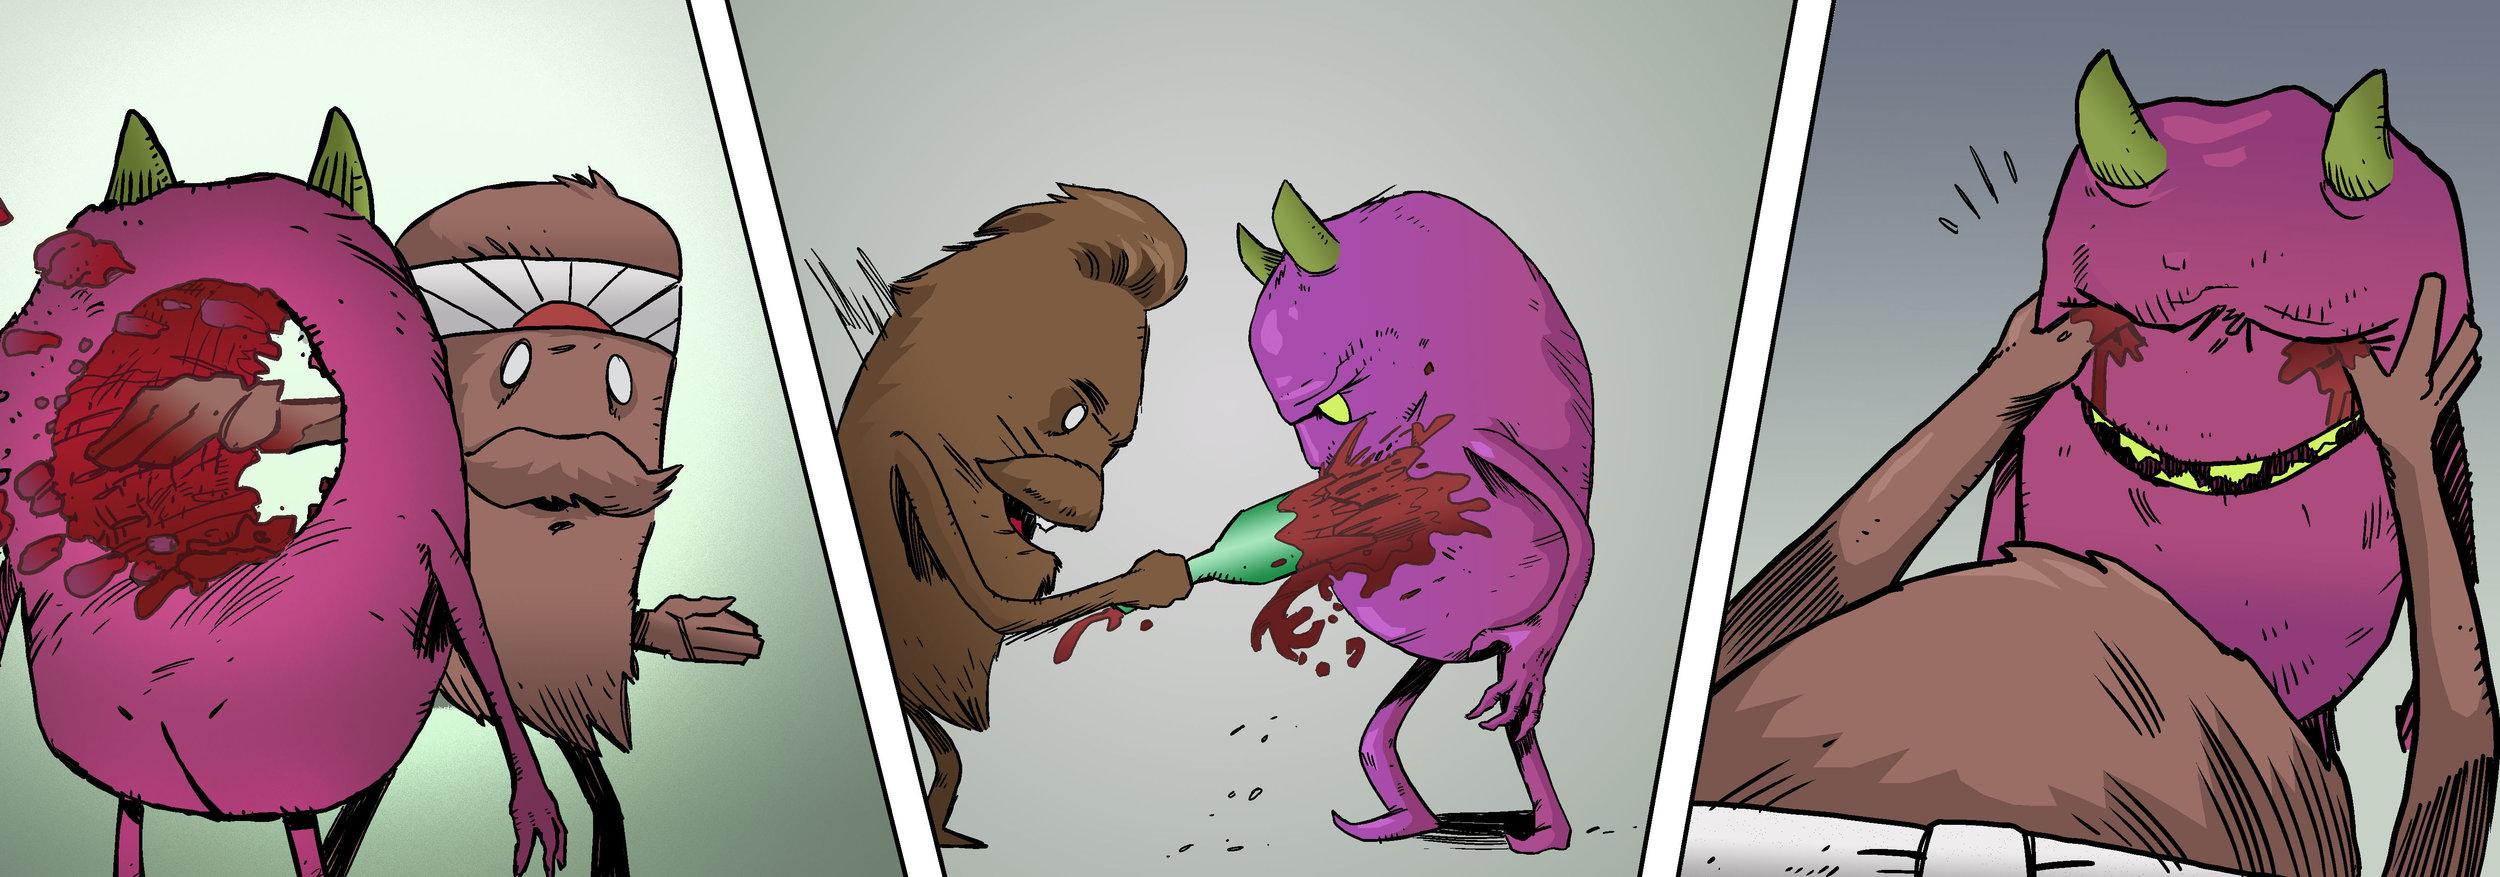 """visit    """"weirdo beardos""""    for a look at A crazy webcomic I color for Jason O. Houston-Mudd and Tristan M. Palmer."""